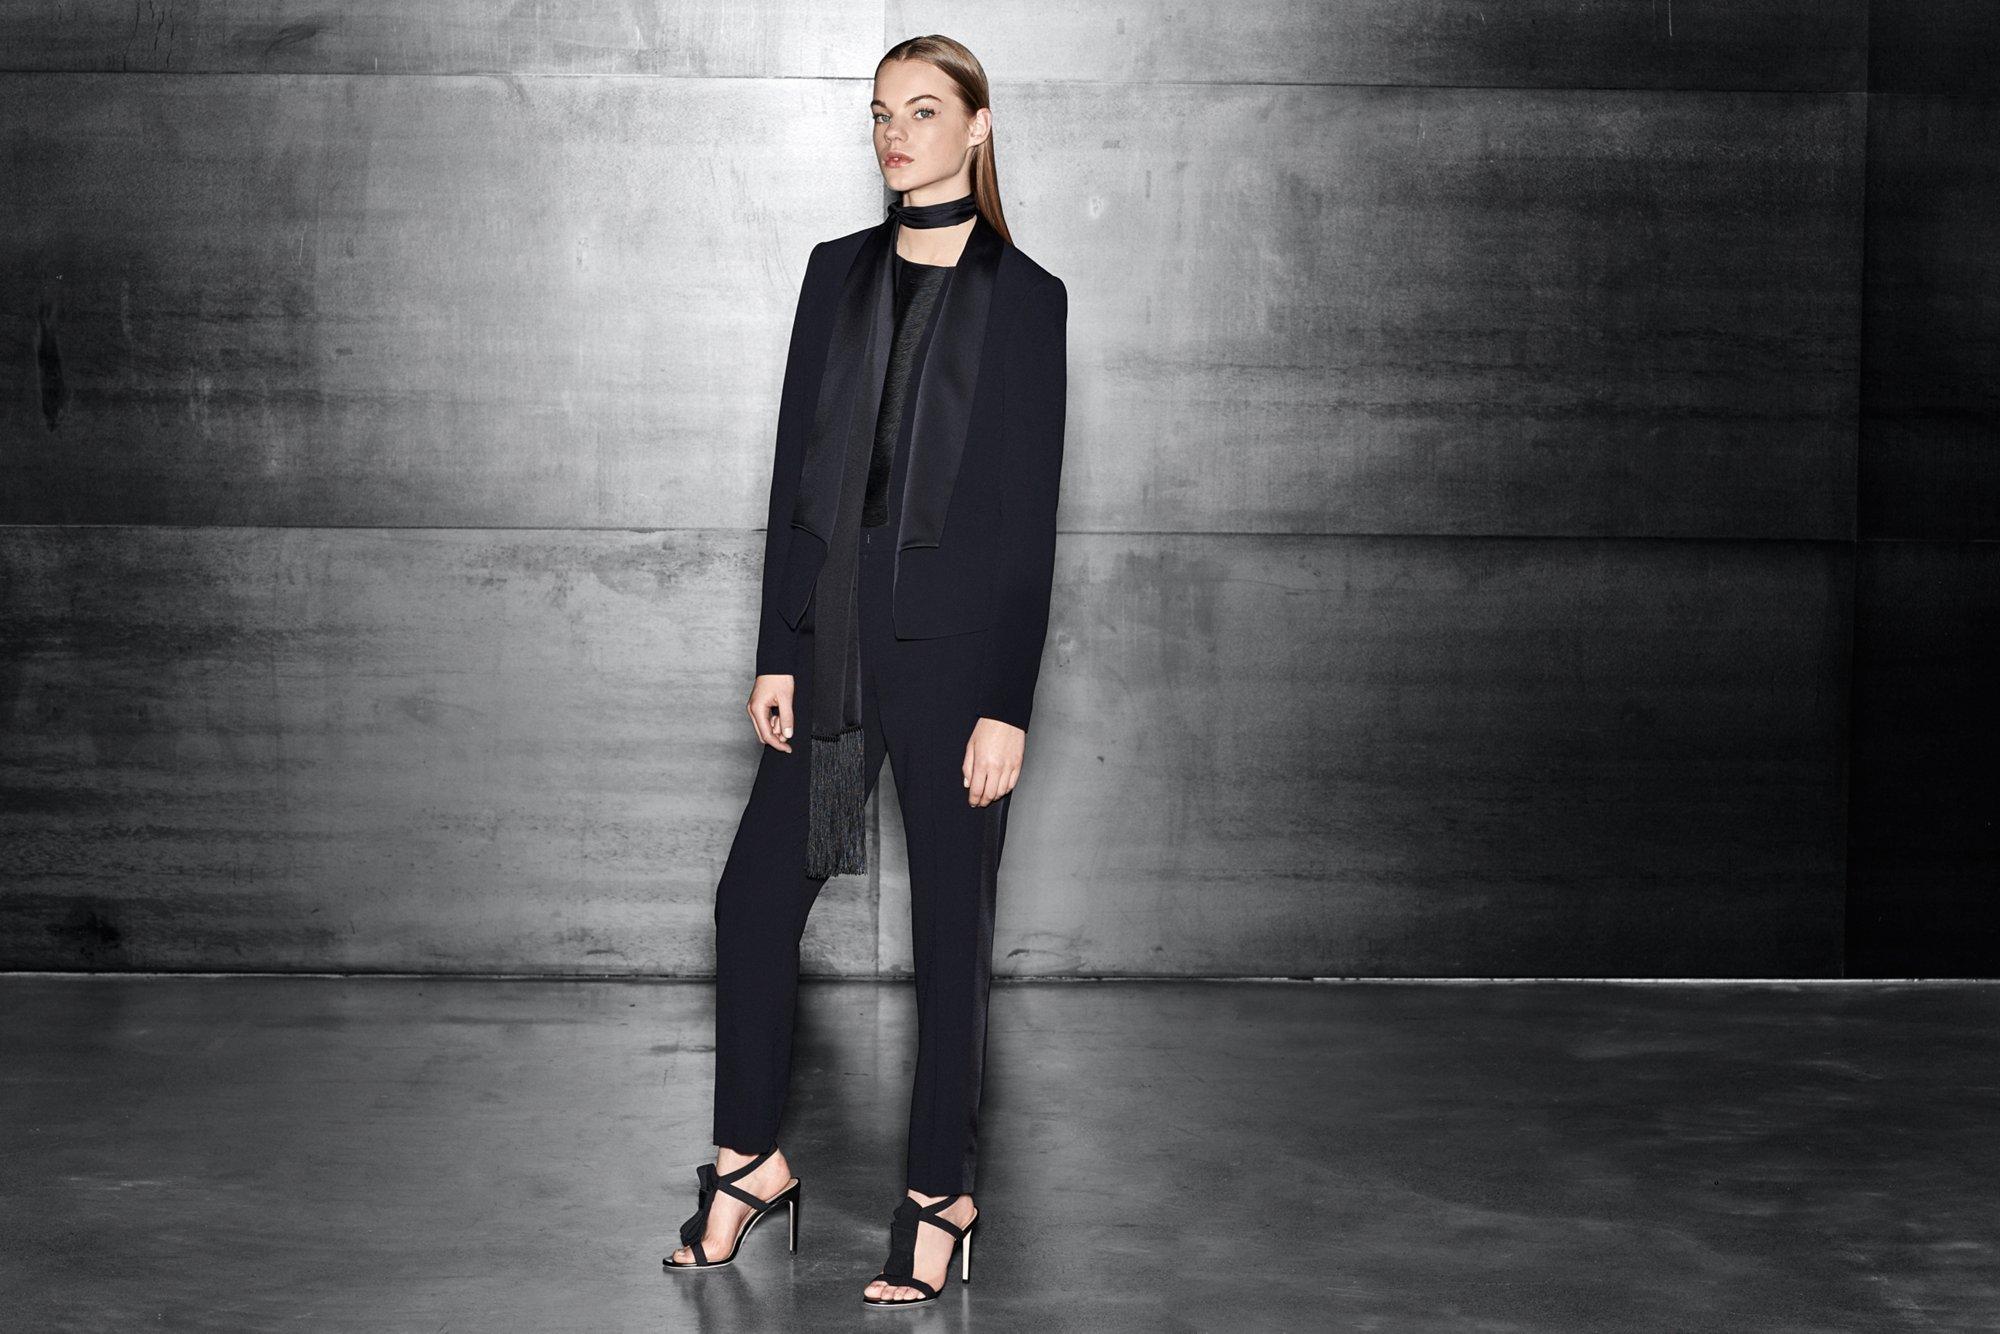 Schwarze Jacke über schwarzer Bluse, schwarze Hose und schwarze Schuhe von BOSS